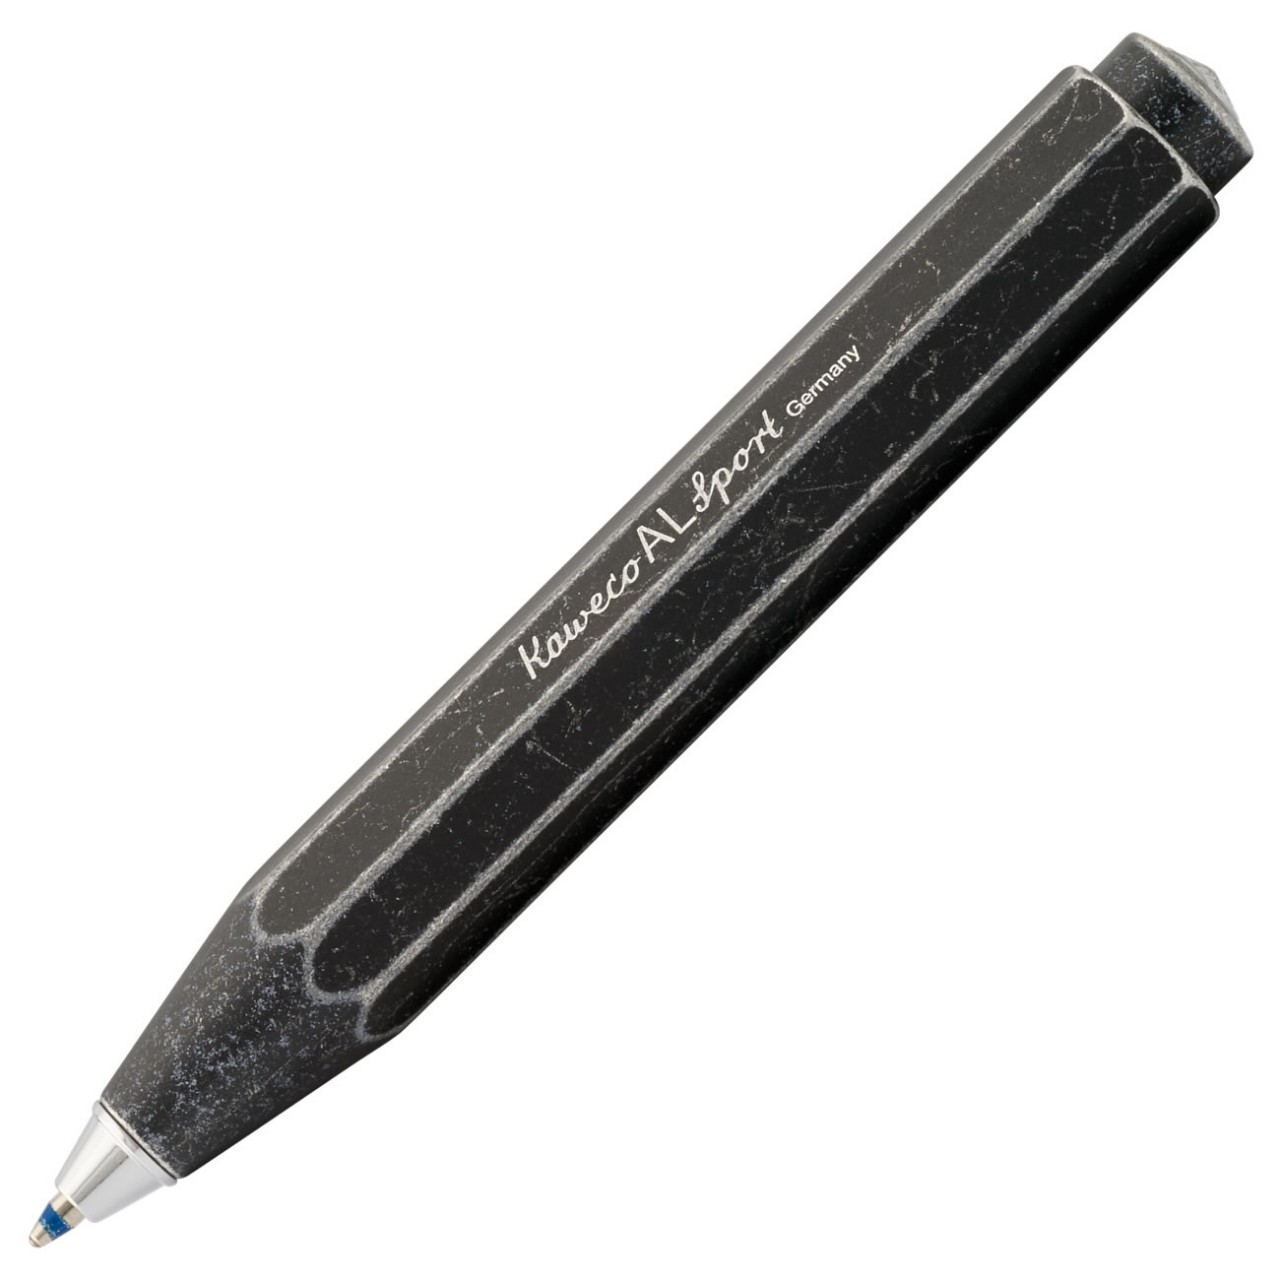 Kaweco AL SPORT Kugelschreiber schwarz stone washed